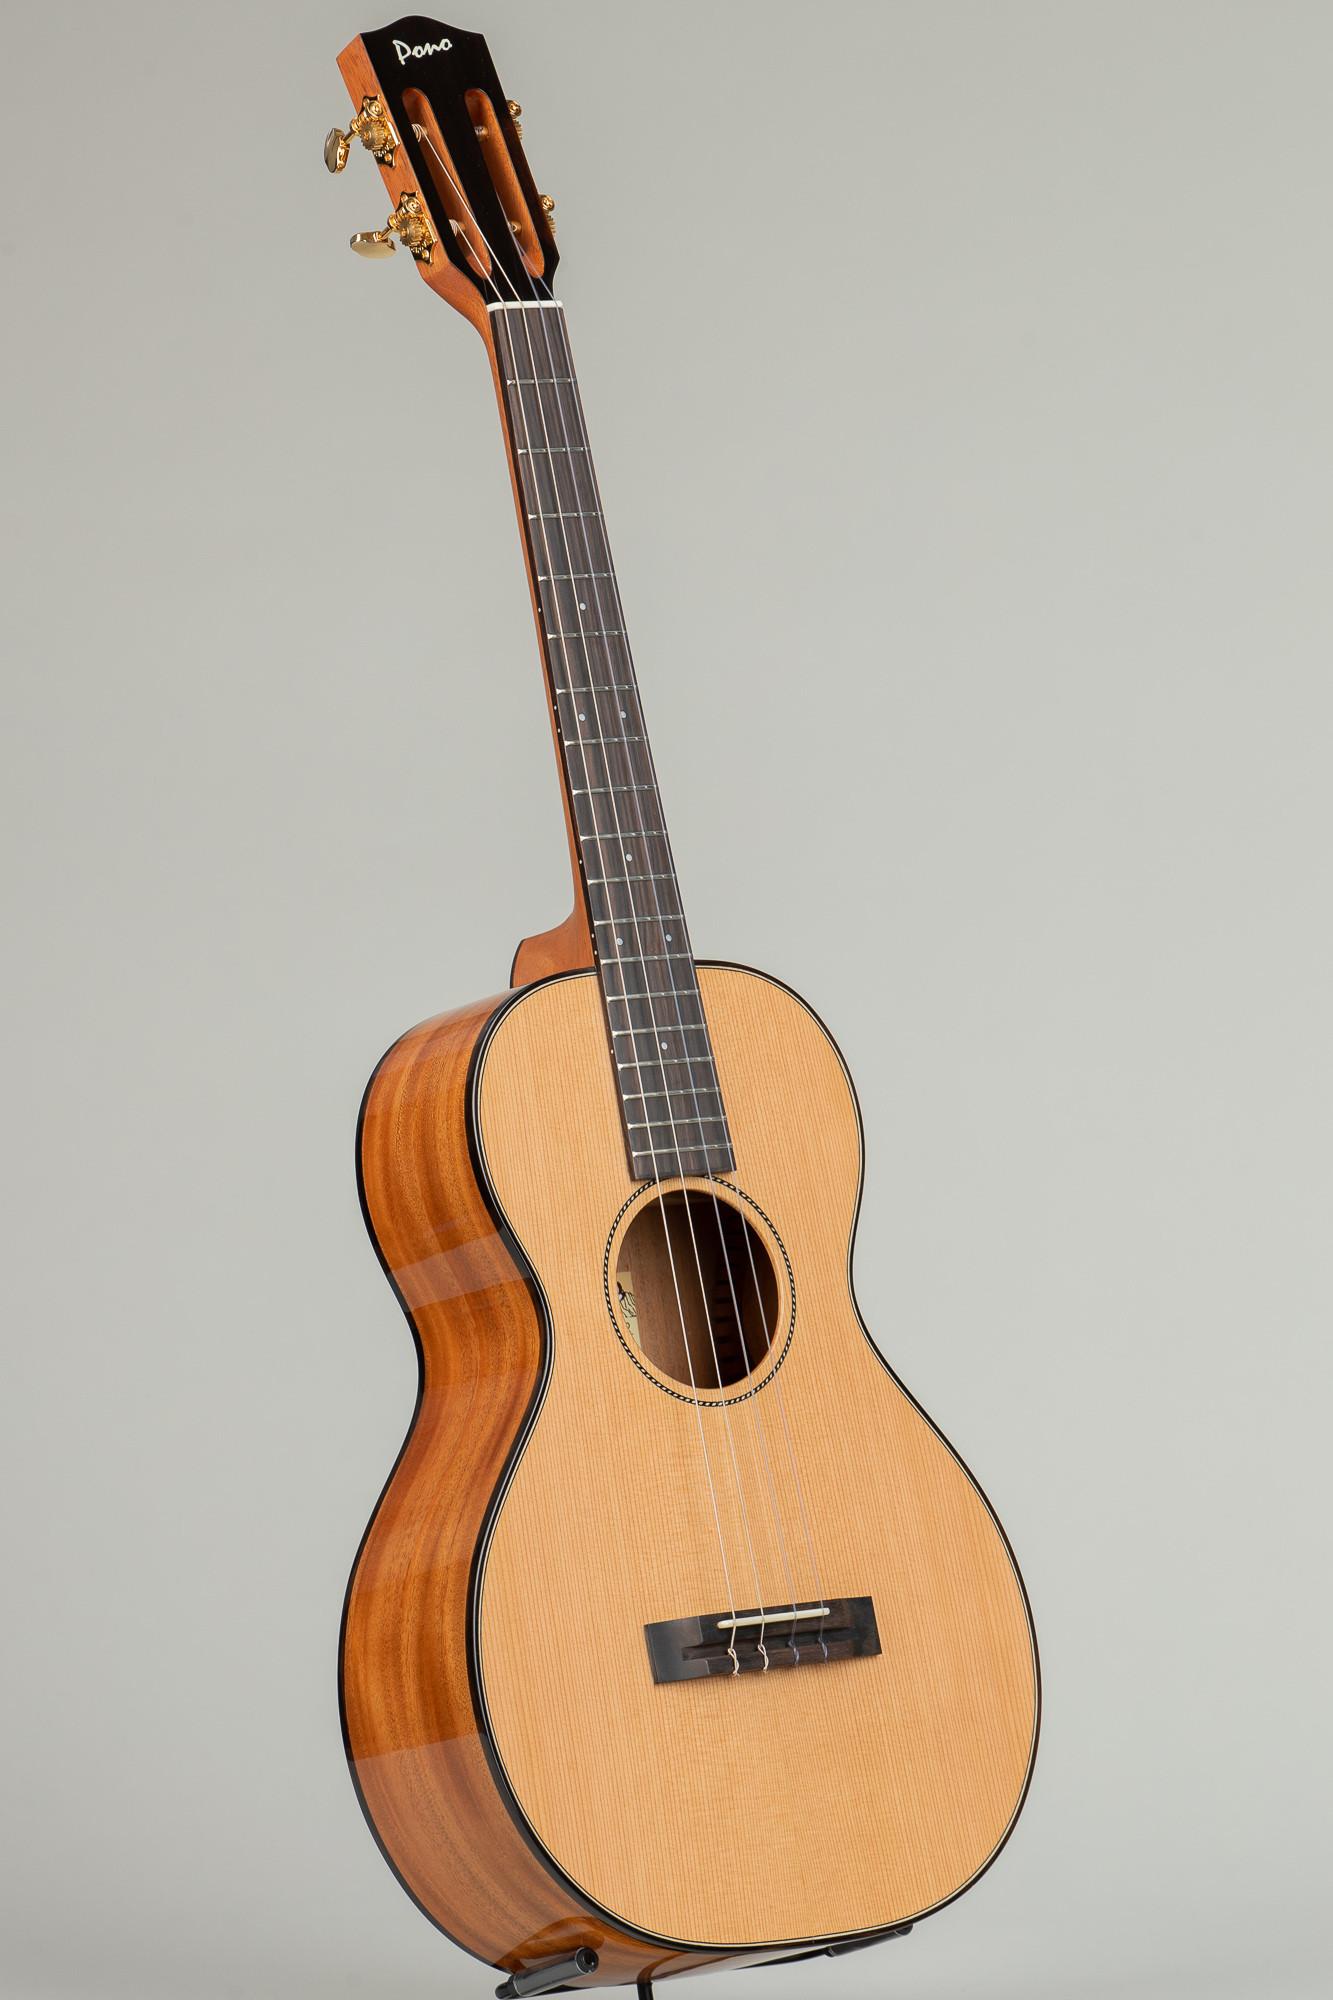 Pono Cedar Top Mahogany UL Baritone (UL4N-2 Select from Available)